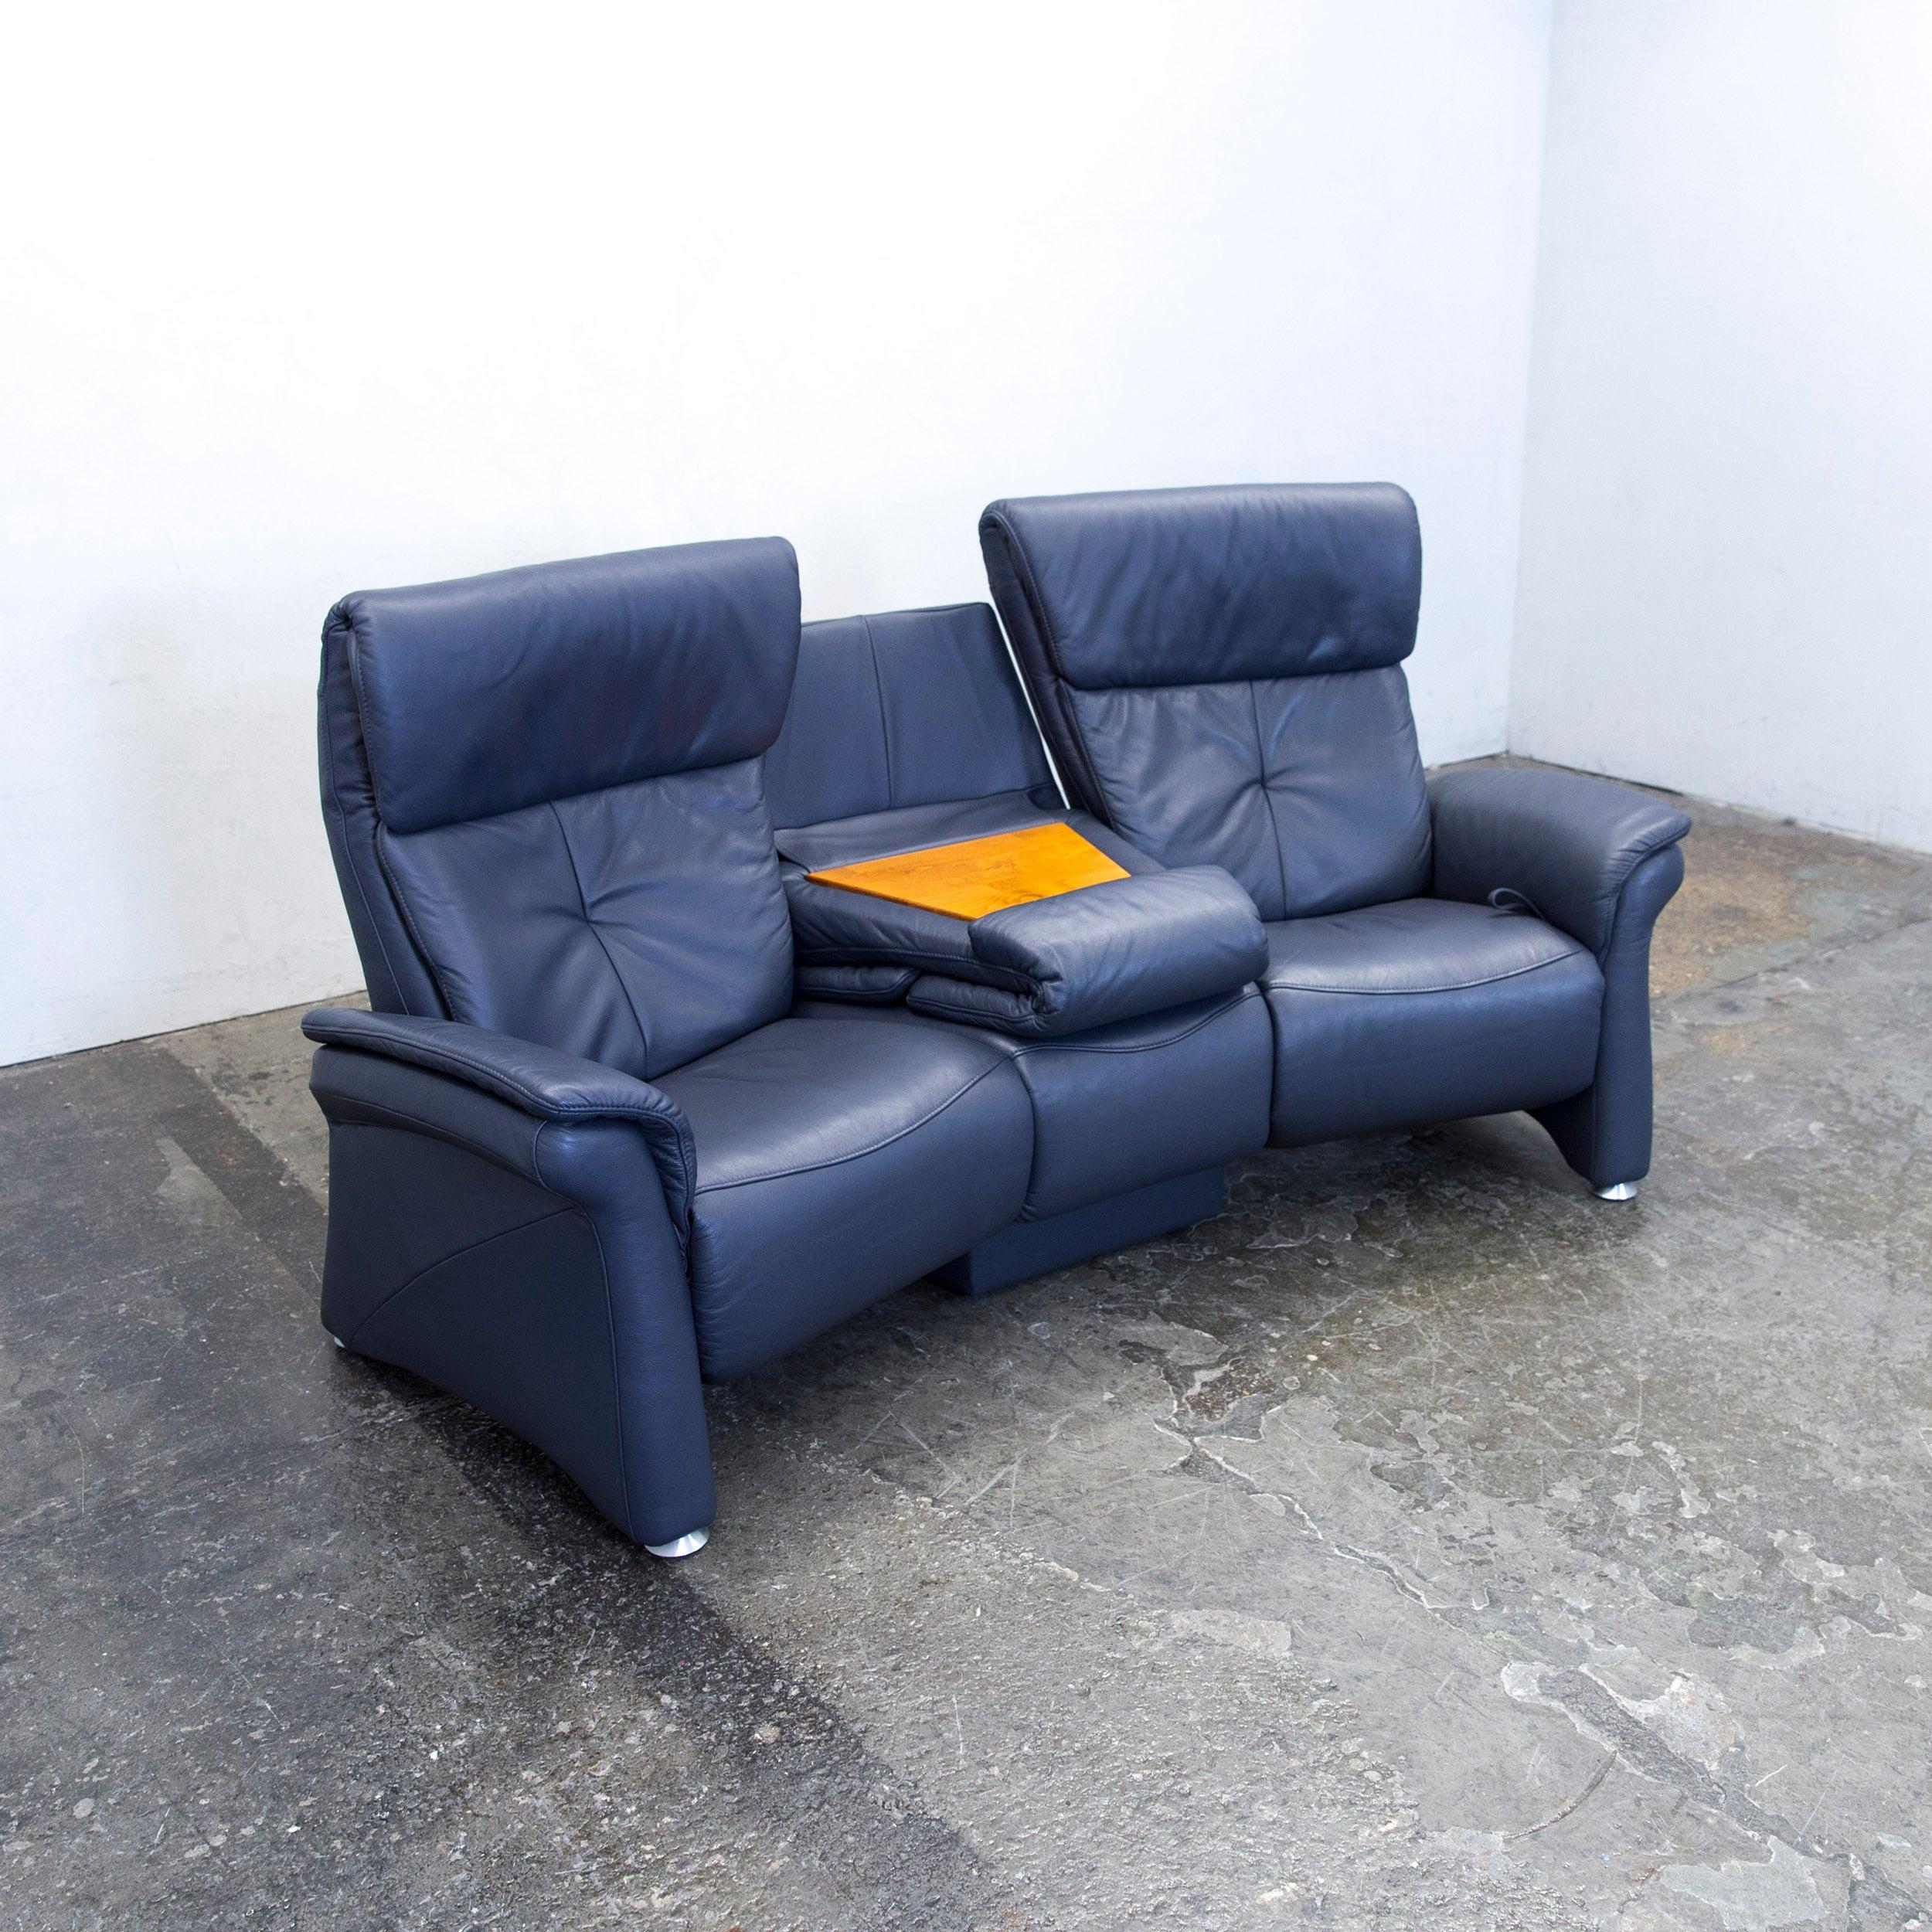 Atemberaubend Classy Idea Echtleder Sofa Galerie - Heimat Ideen ...